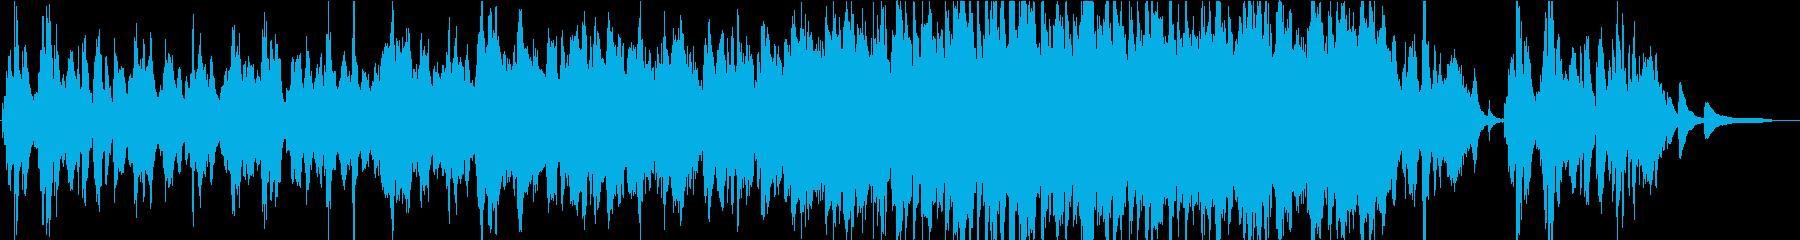 【生演奏】穏やかなバイオリン曲バラードの再生済みの波形